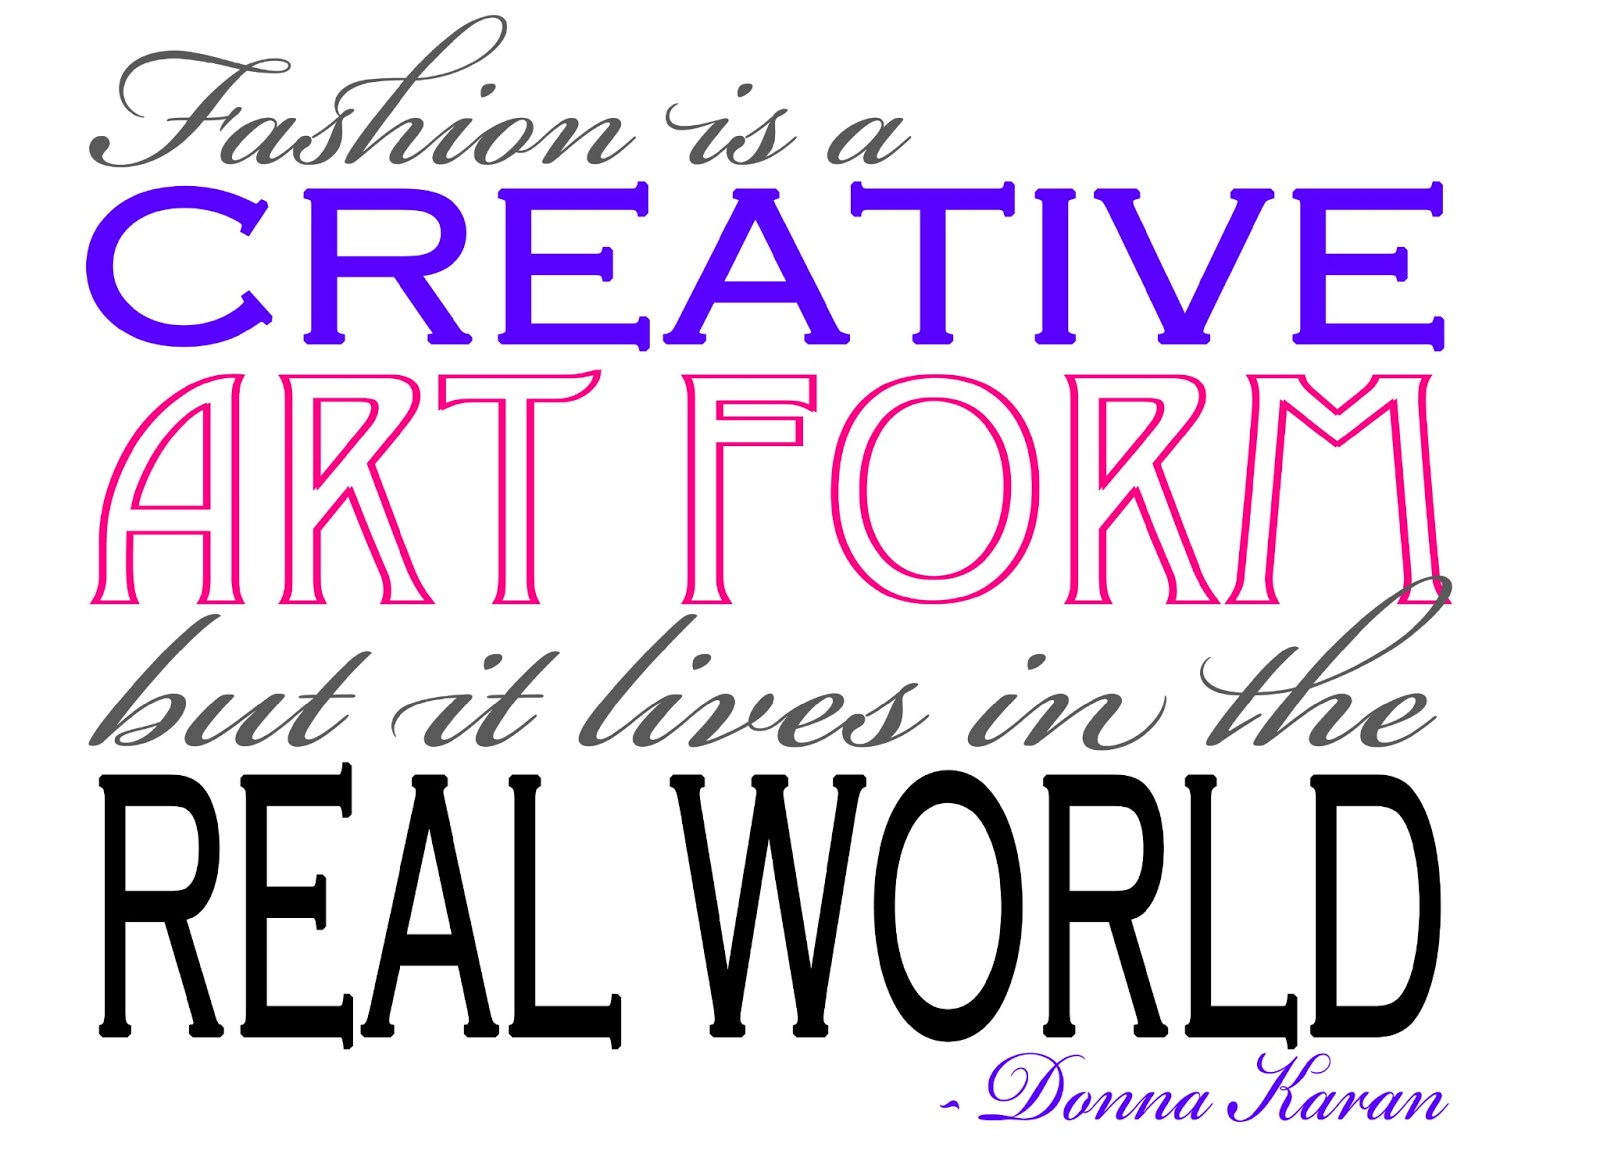 Donna Karan's quote #1